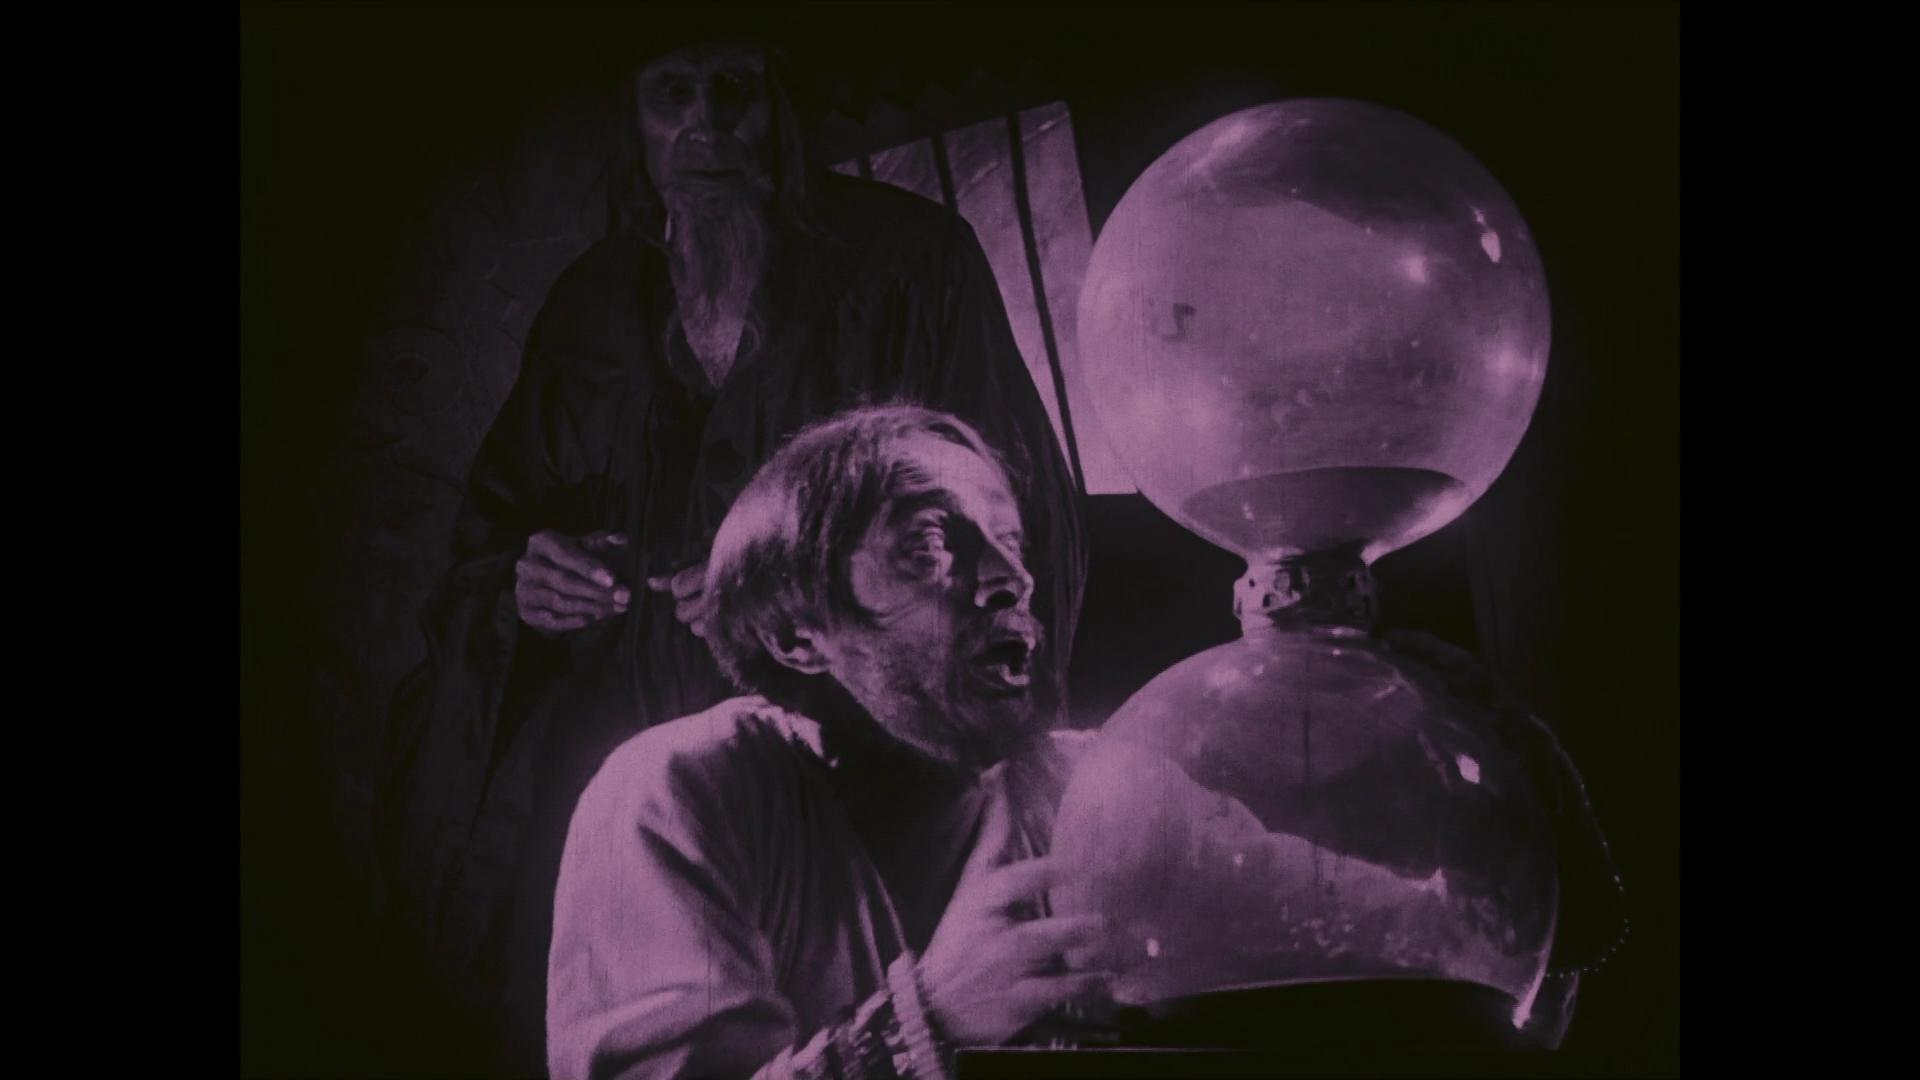 Conrad Veidt dans le film muet allemand Das Wachsfigurenkabinett (Le cabinet des figures de cire, 1924) de Paul Leni